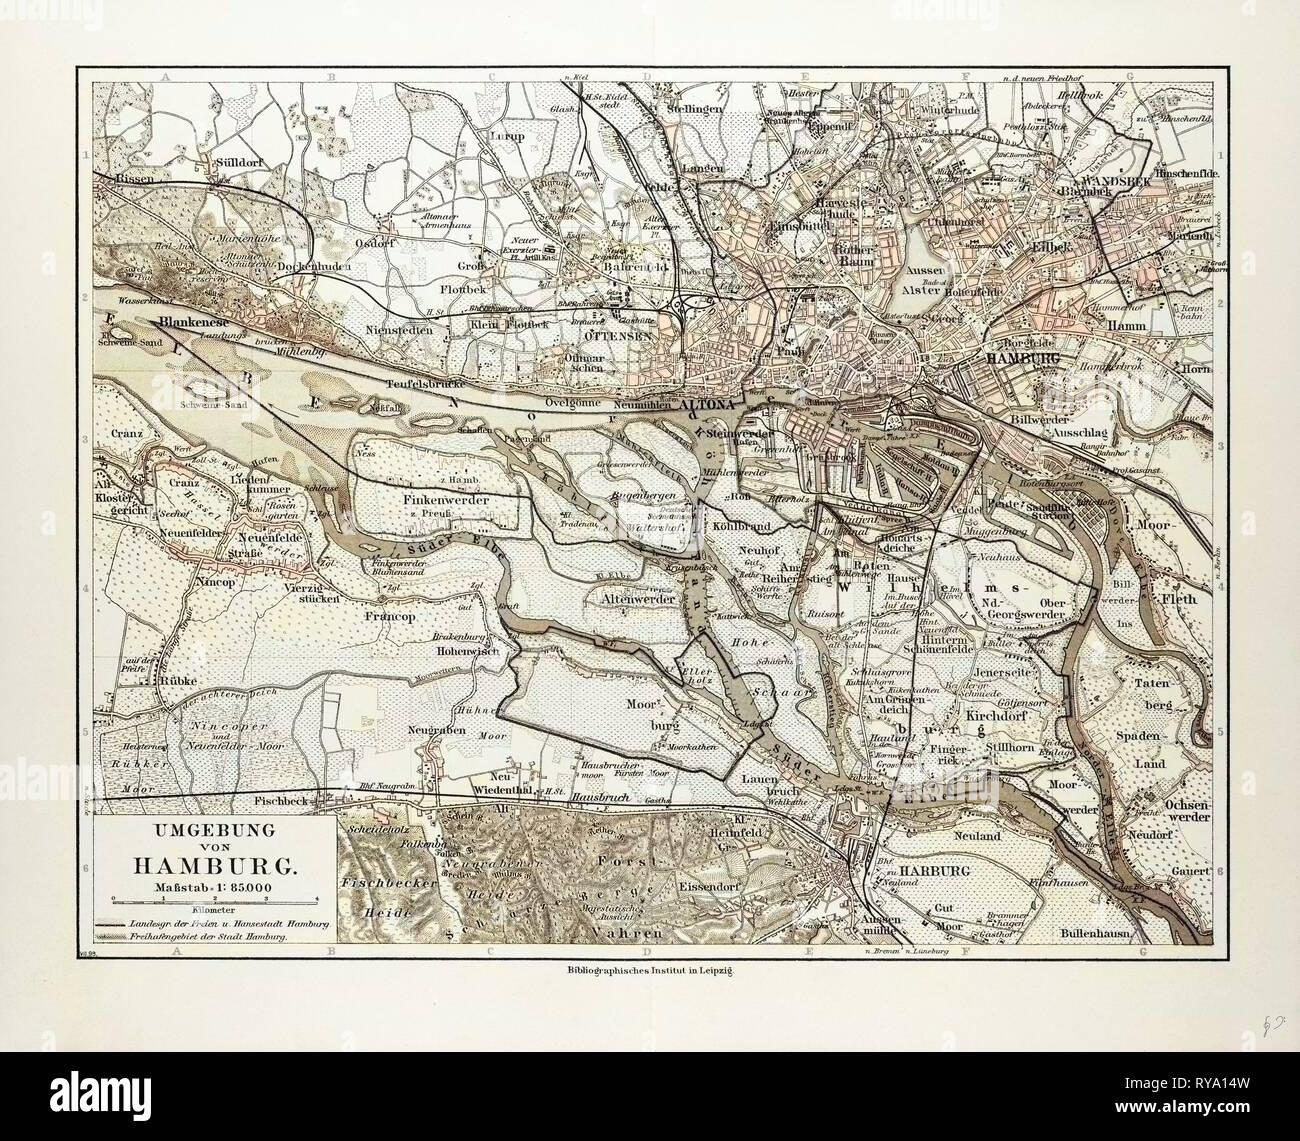 Hamburg Umgebung Elbmündung um 1897 historische alte Landkarte Stadtplan map